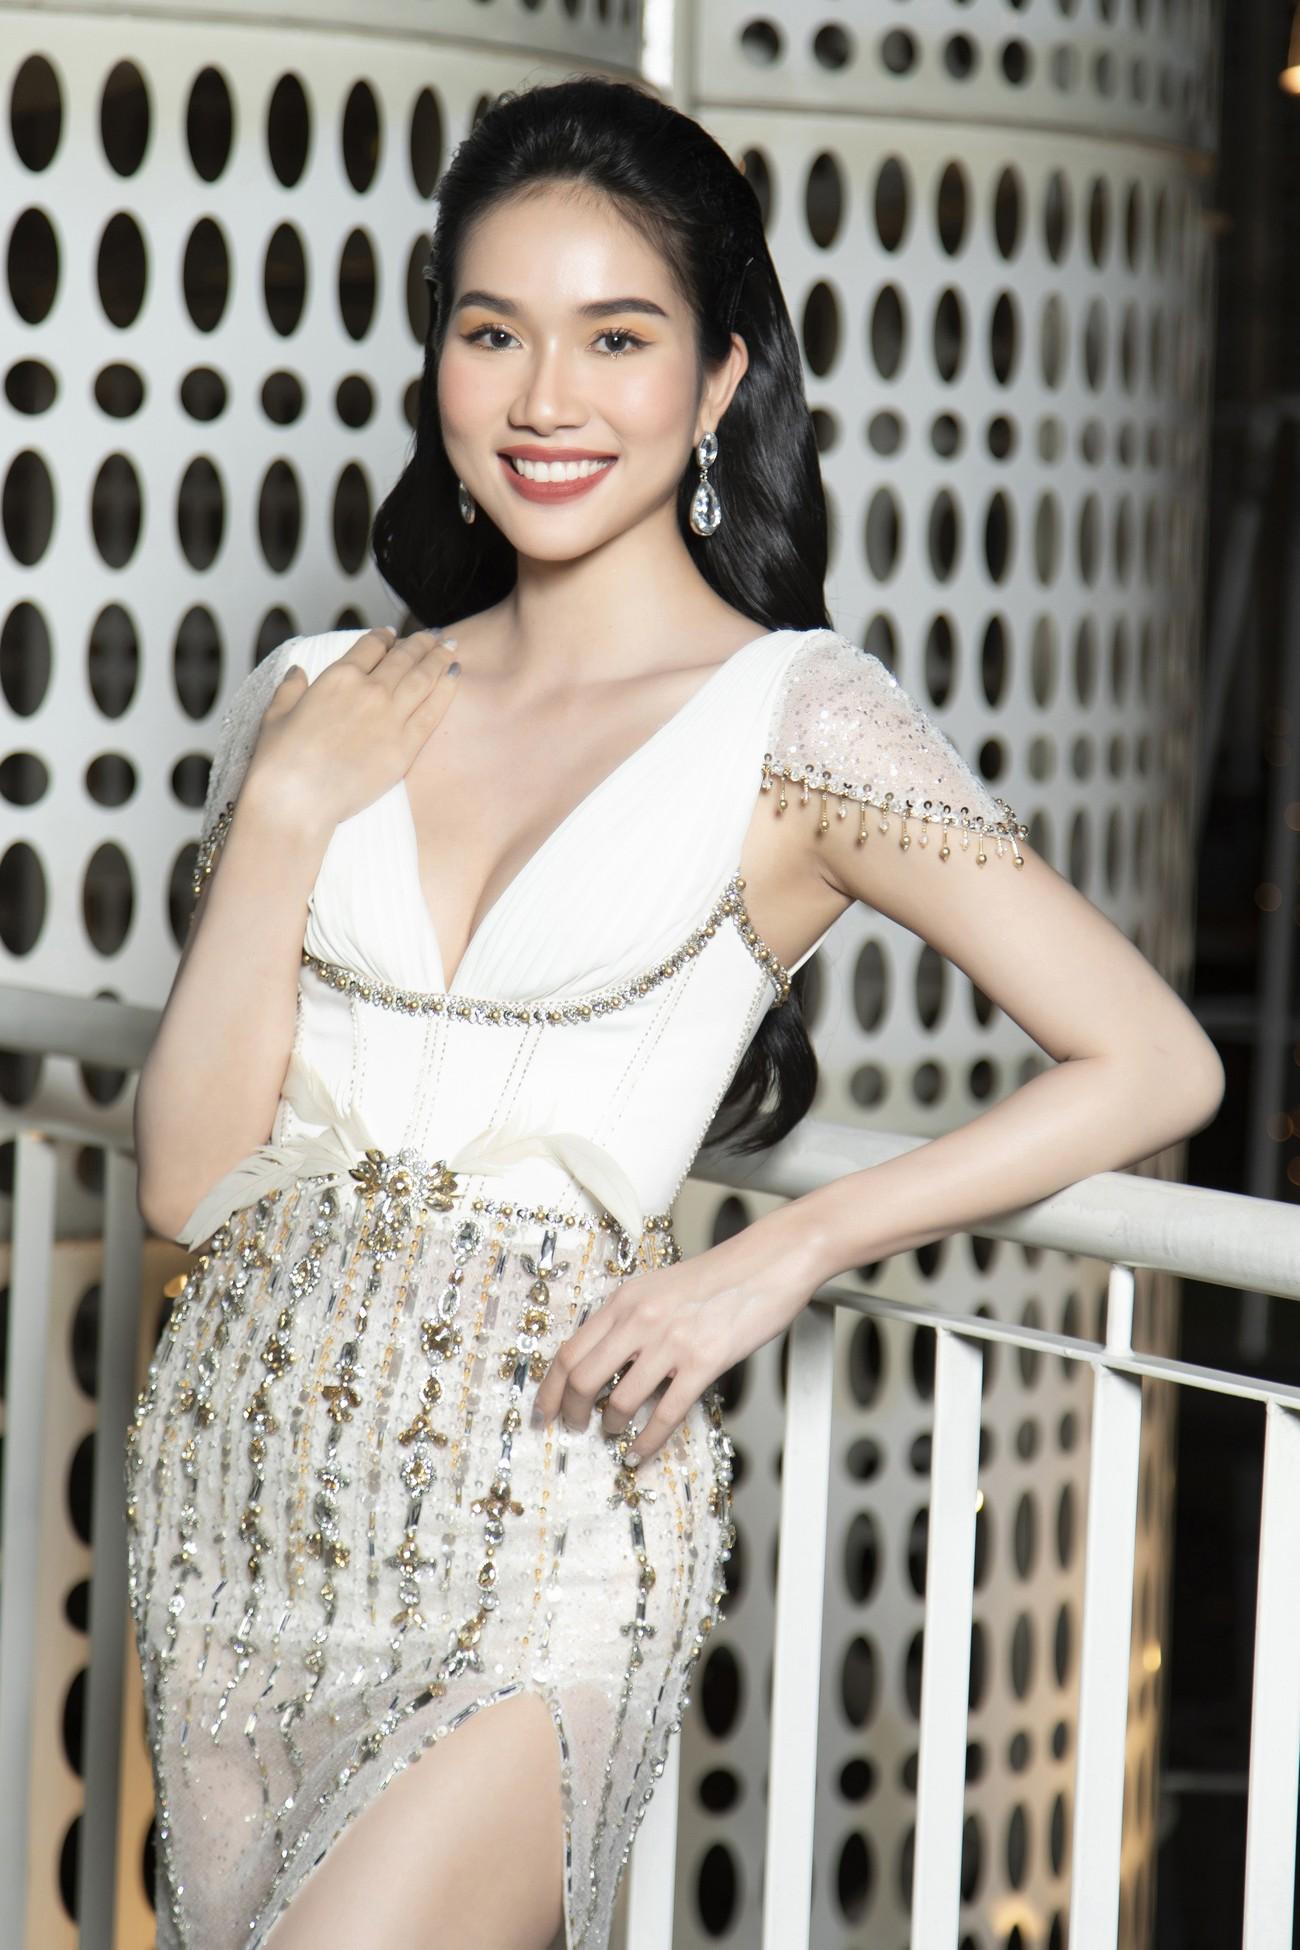 Top 3 Hoa hậu Việt Nam 2020 mặc váy cắt xẻ gợi cảm, đọ sắc Lương Thuỳ Linh-Kiều Loan ảnh 8